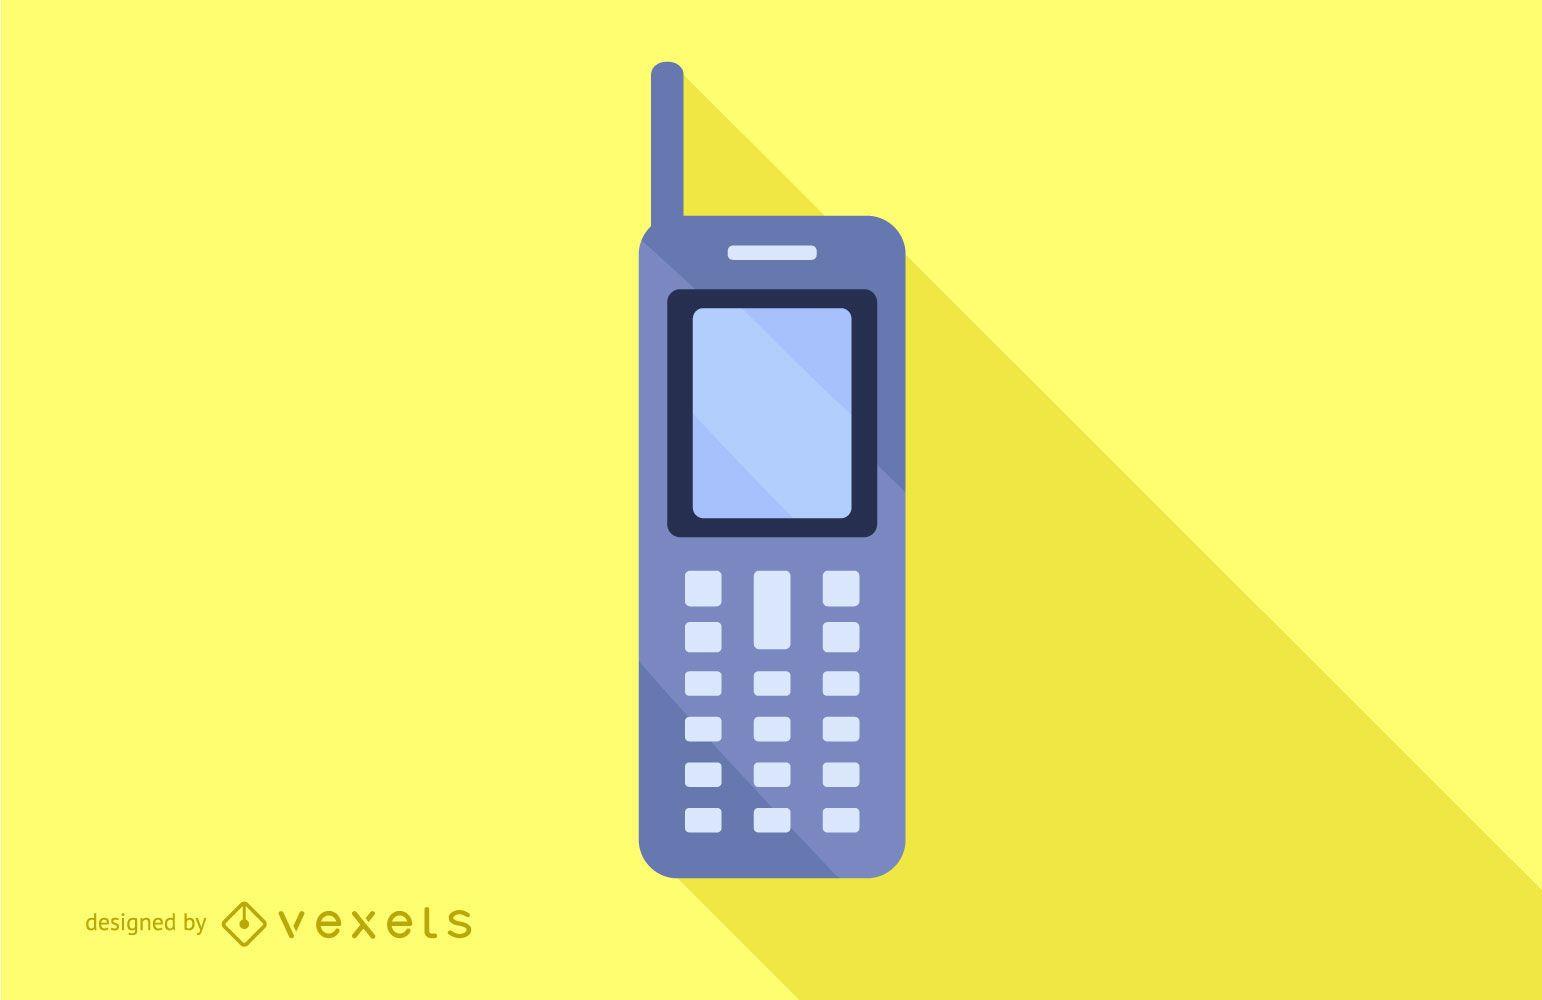 Diseño plano de la sombra larga del teléfono móvil